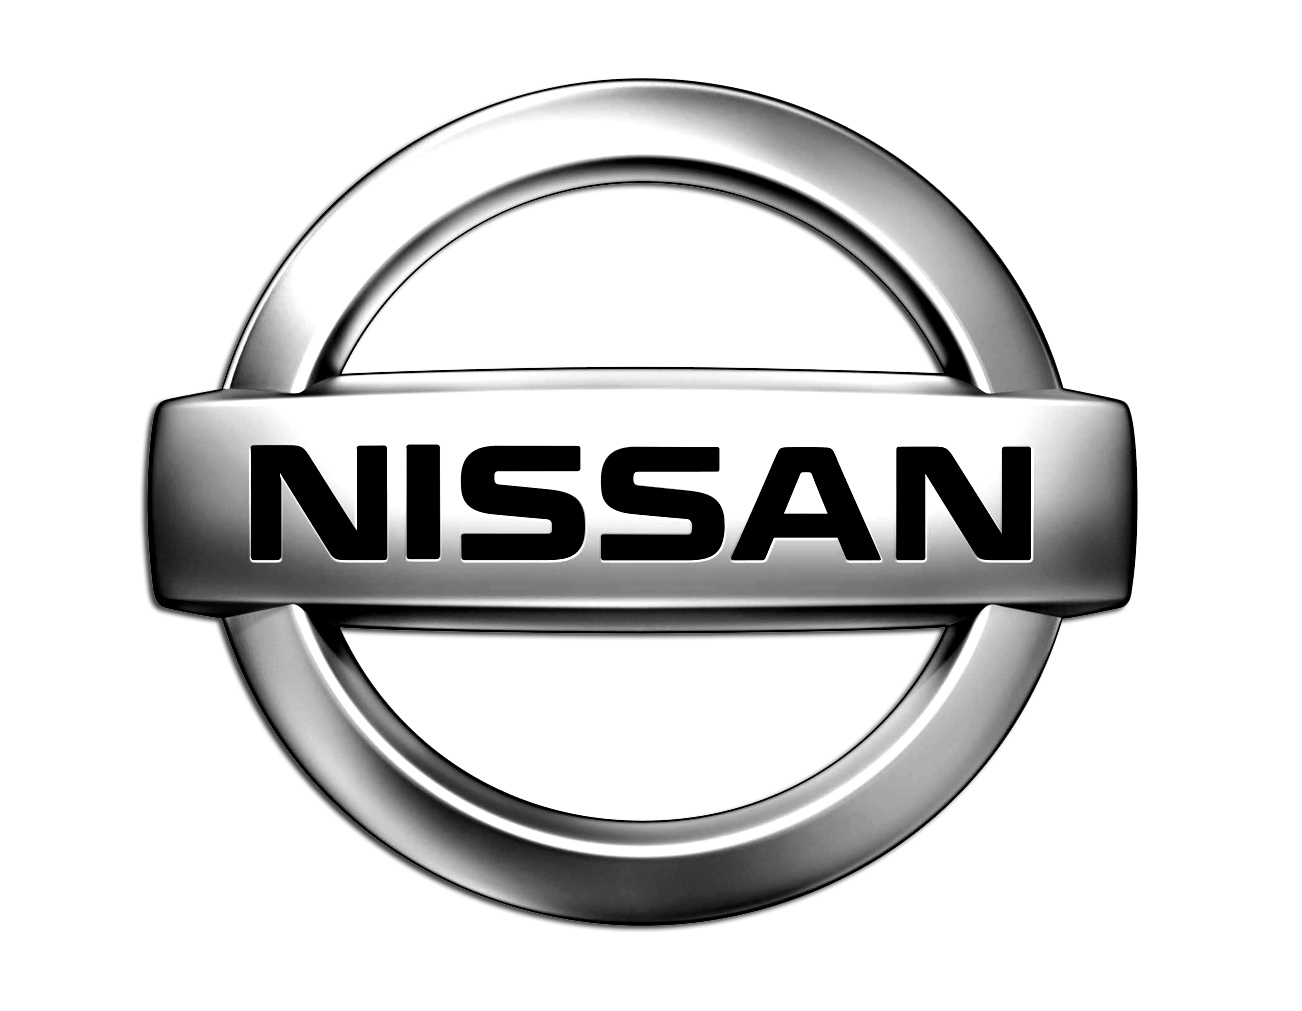 large nissan car logo zero to 60 times rh zeroto60times com nissan logo images nissan logo floor mats